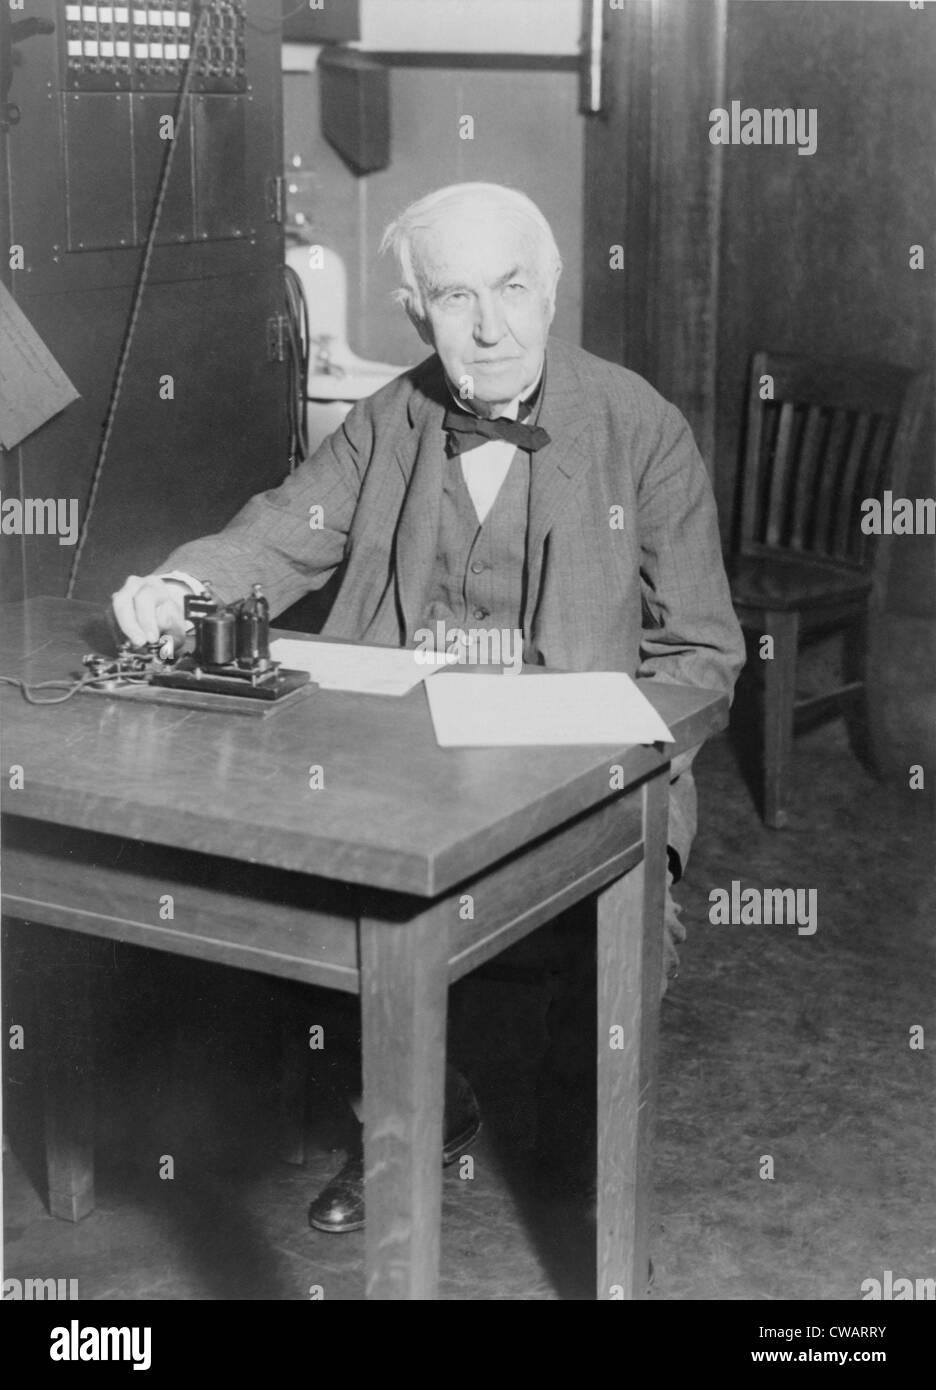 Thomas Edison, assis au bureau, démontrant un vieux télégraphe émetteur à son West Orange, New Jersey, de laboratoire, 1930. Banque D'Images